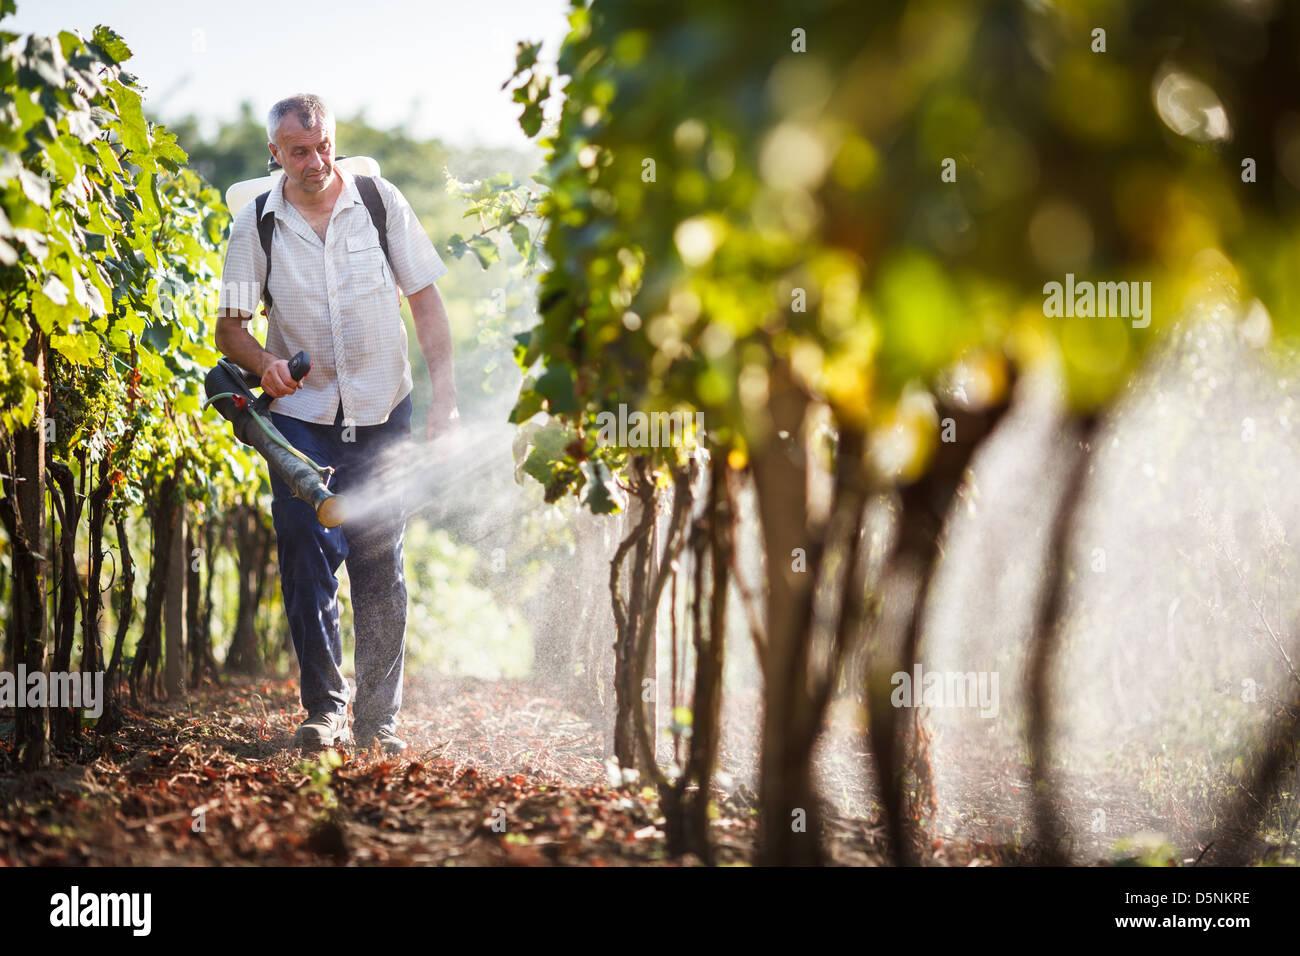 Winzer in seinem Weinberg Spritzen Chemikalien auf seine Reben Wandern Stockbild